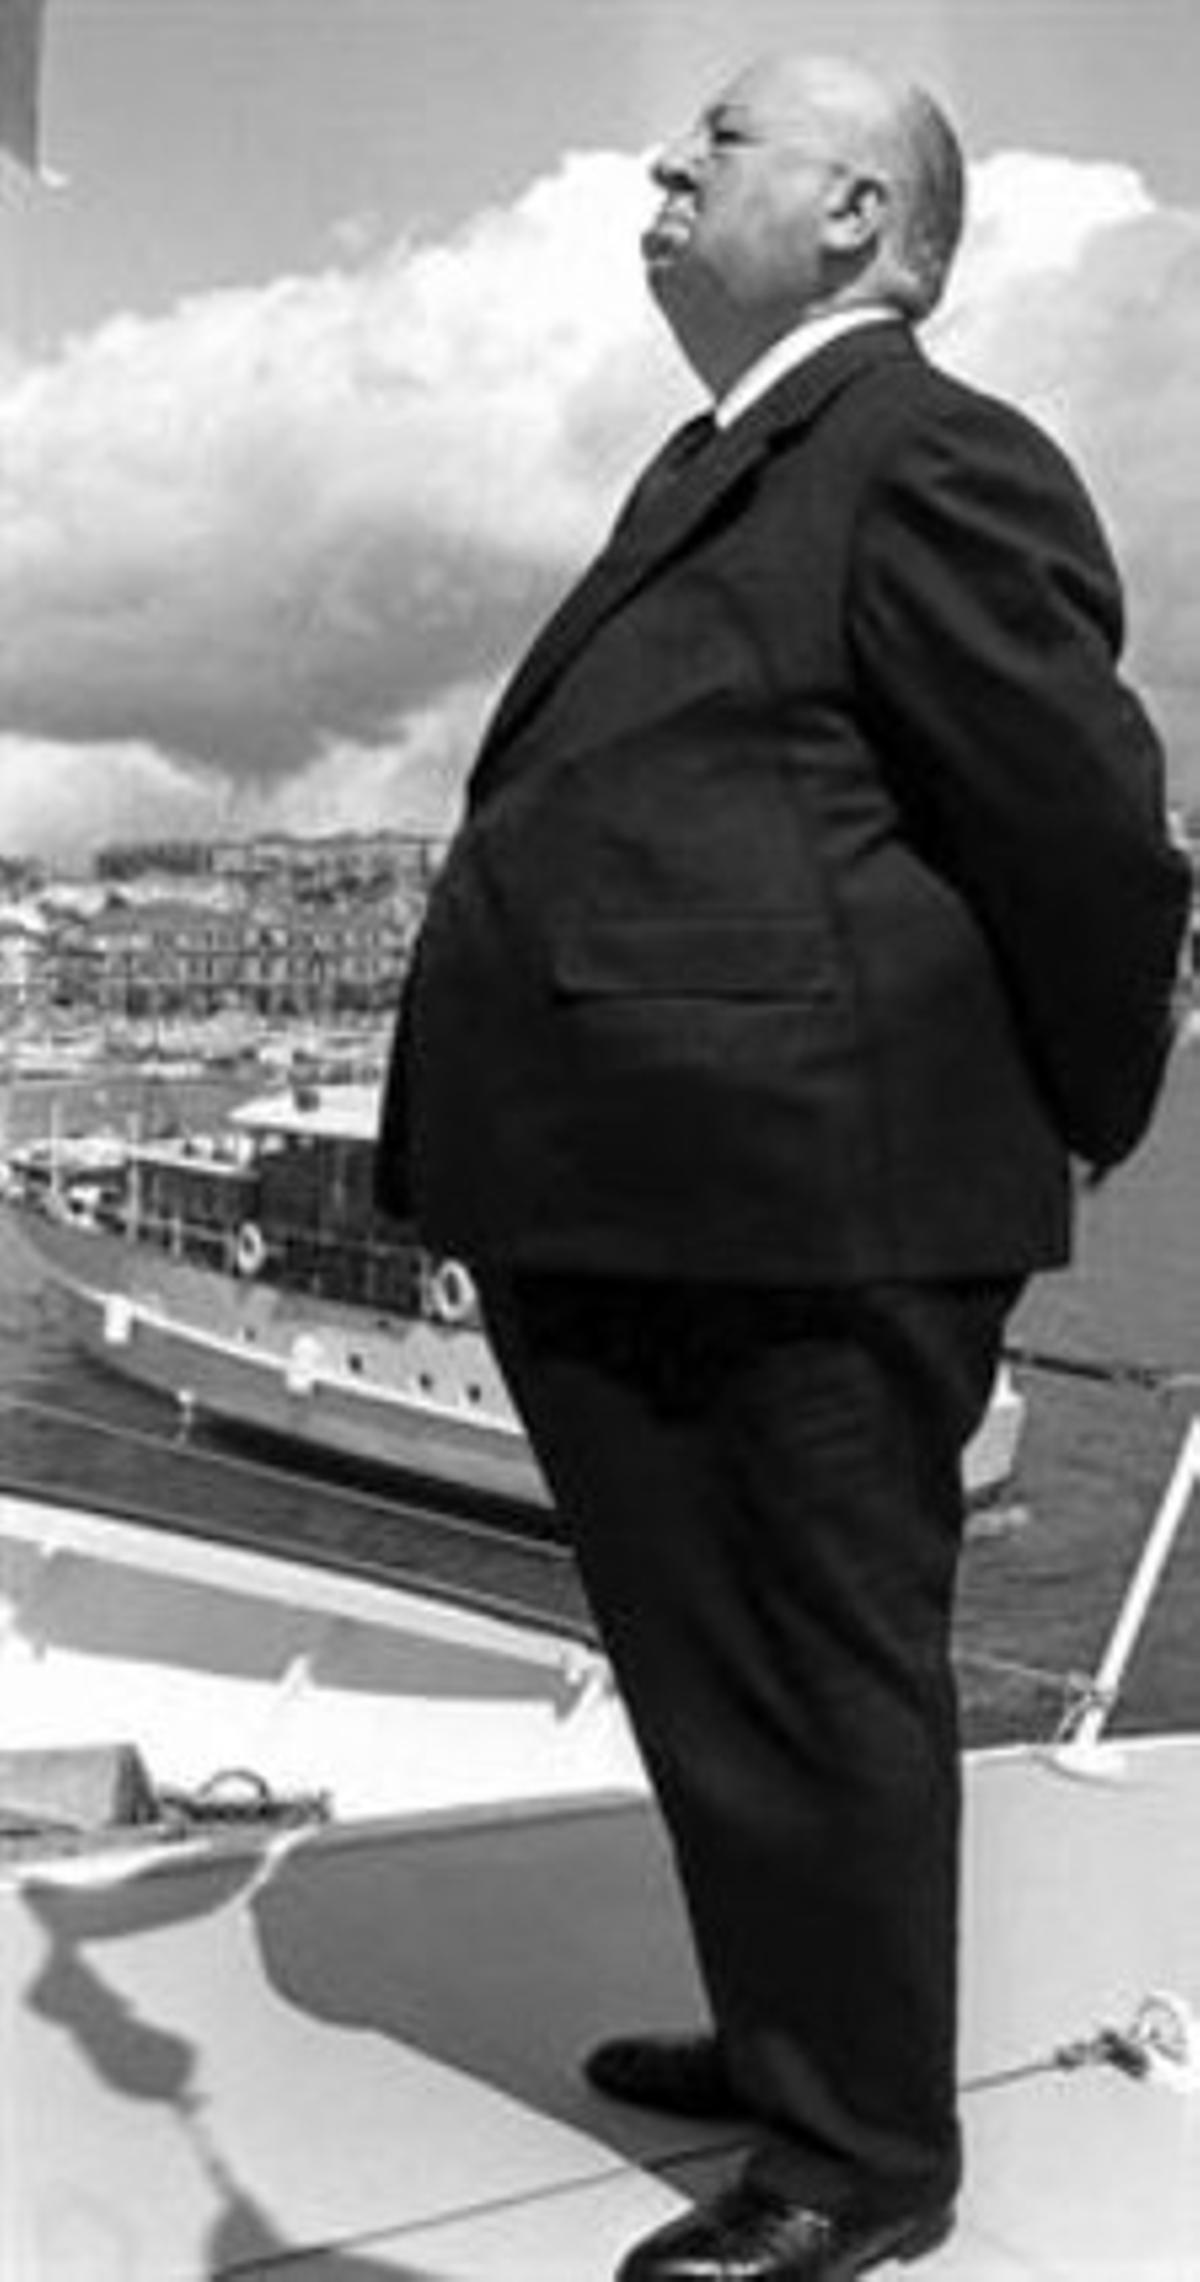 Alfred Hitchcock, en una fotografía fechada en 1972 y localizada en Cannes.